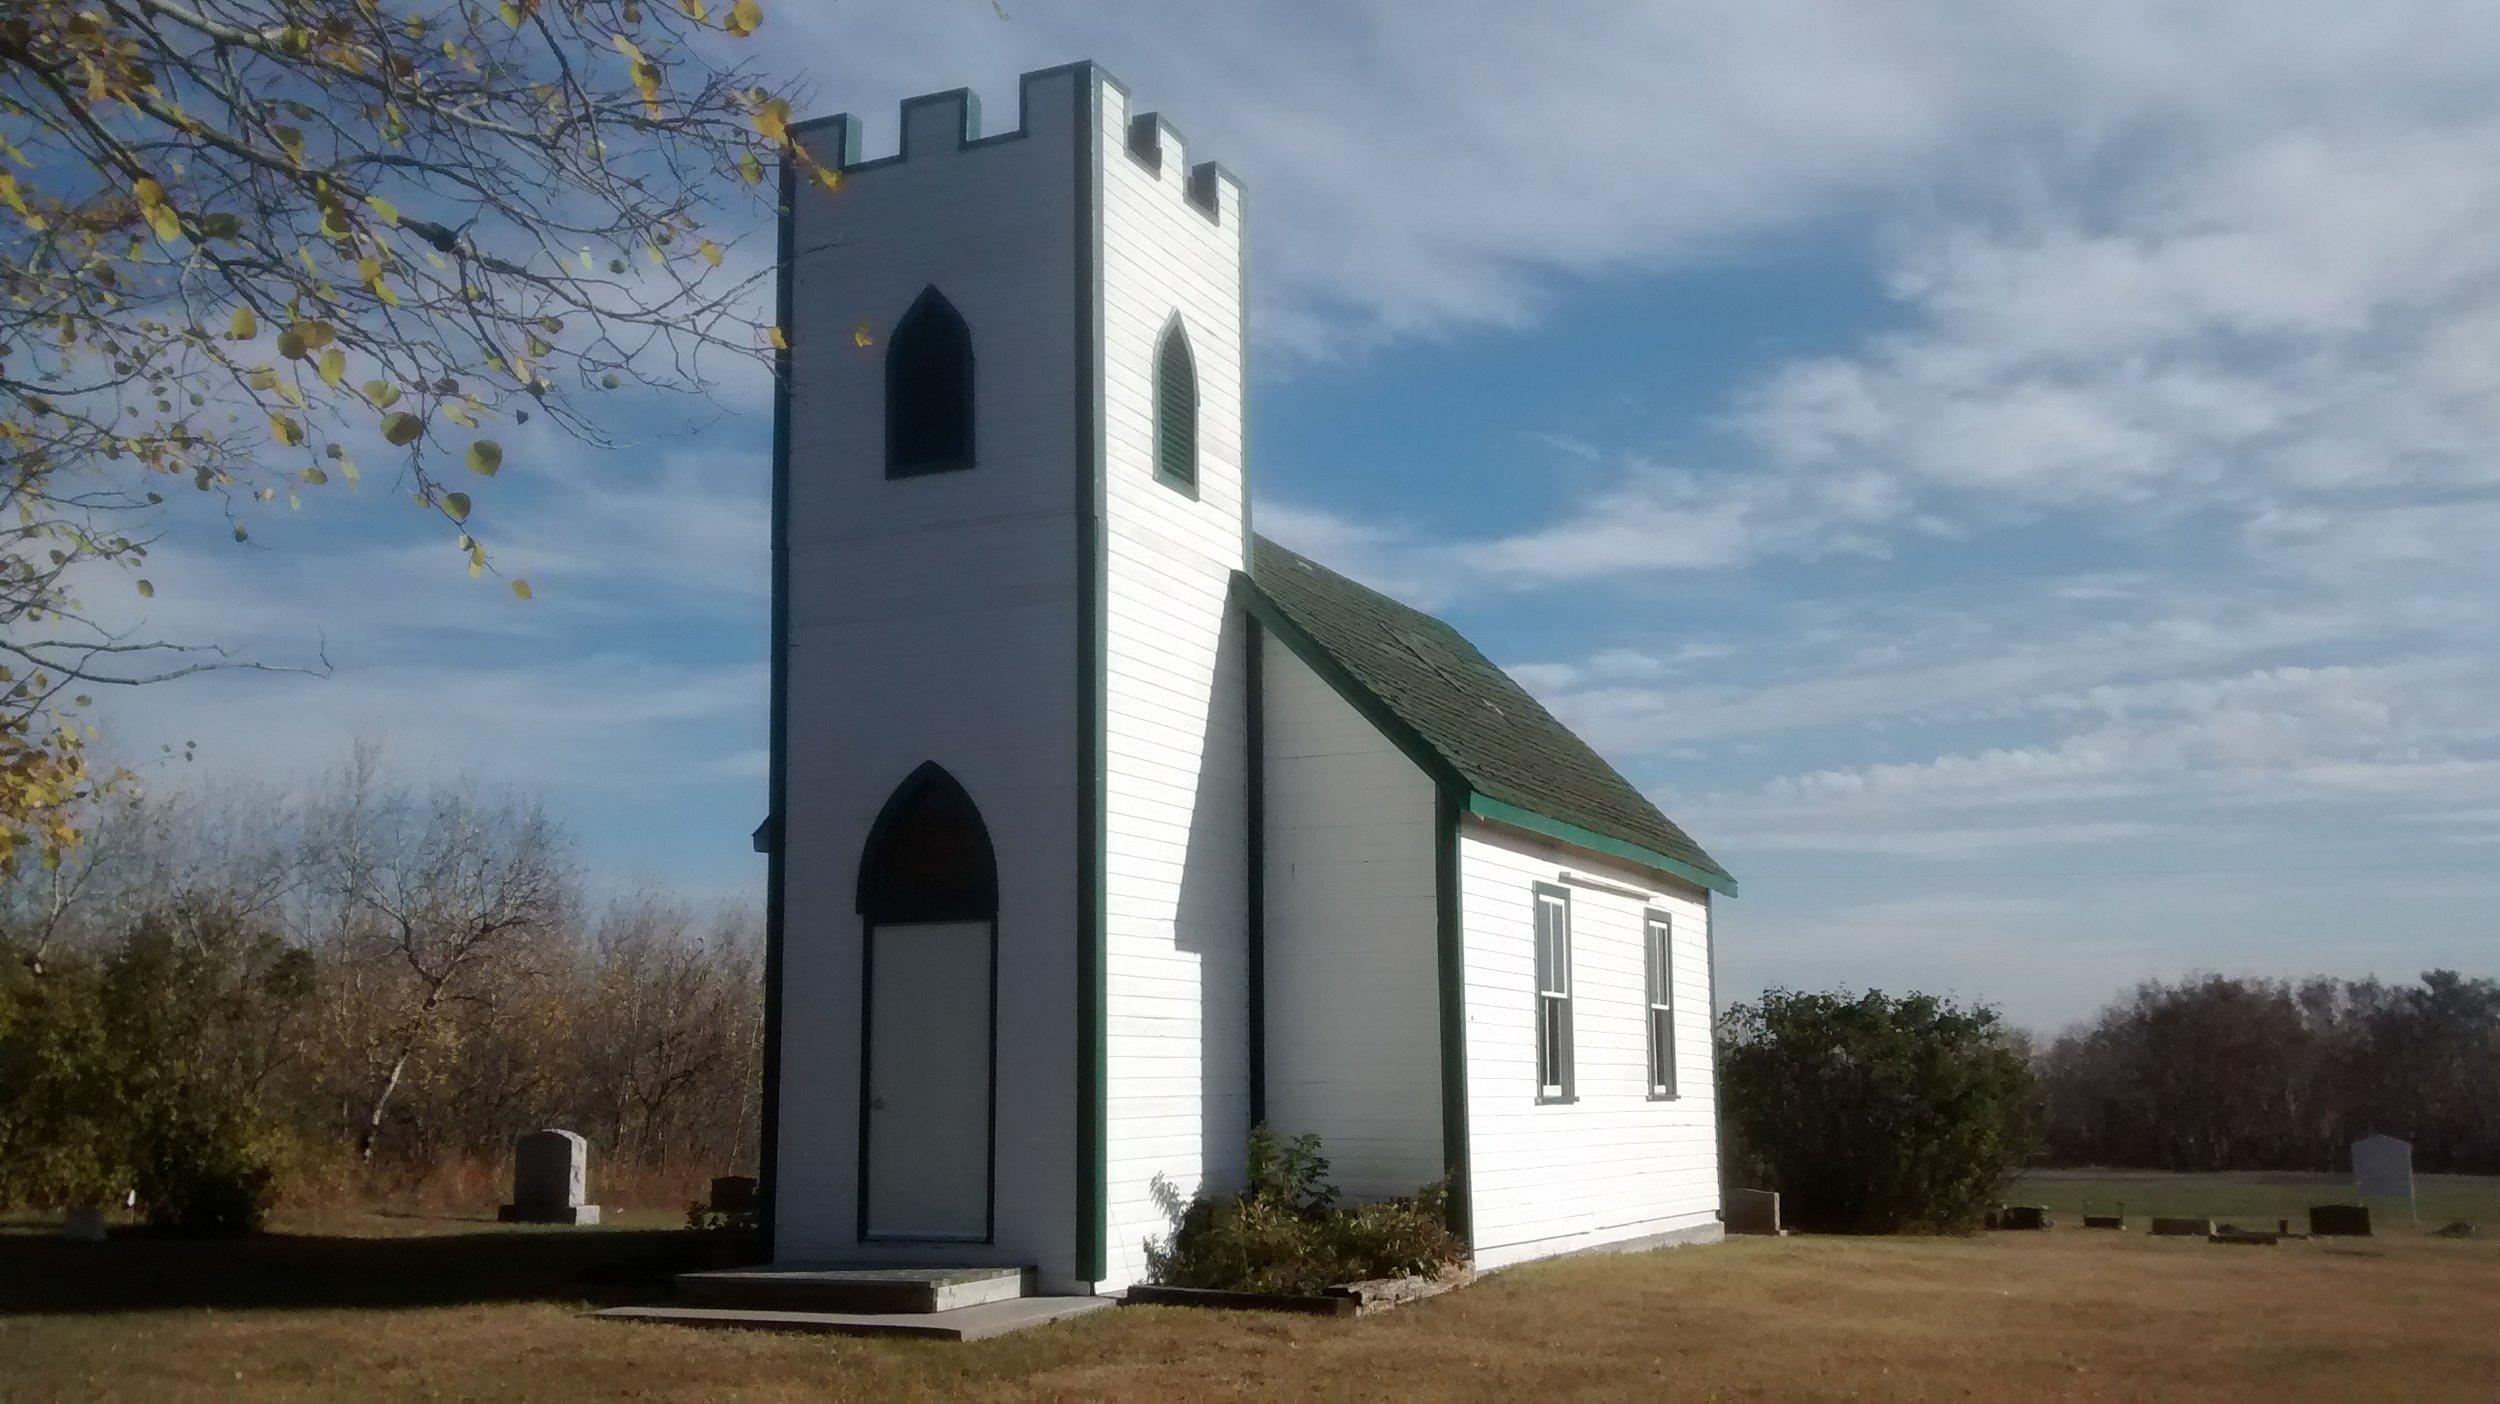 St. Stephen's, Merrill